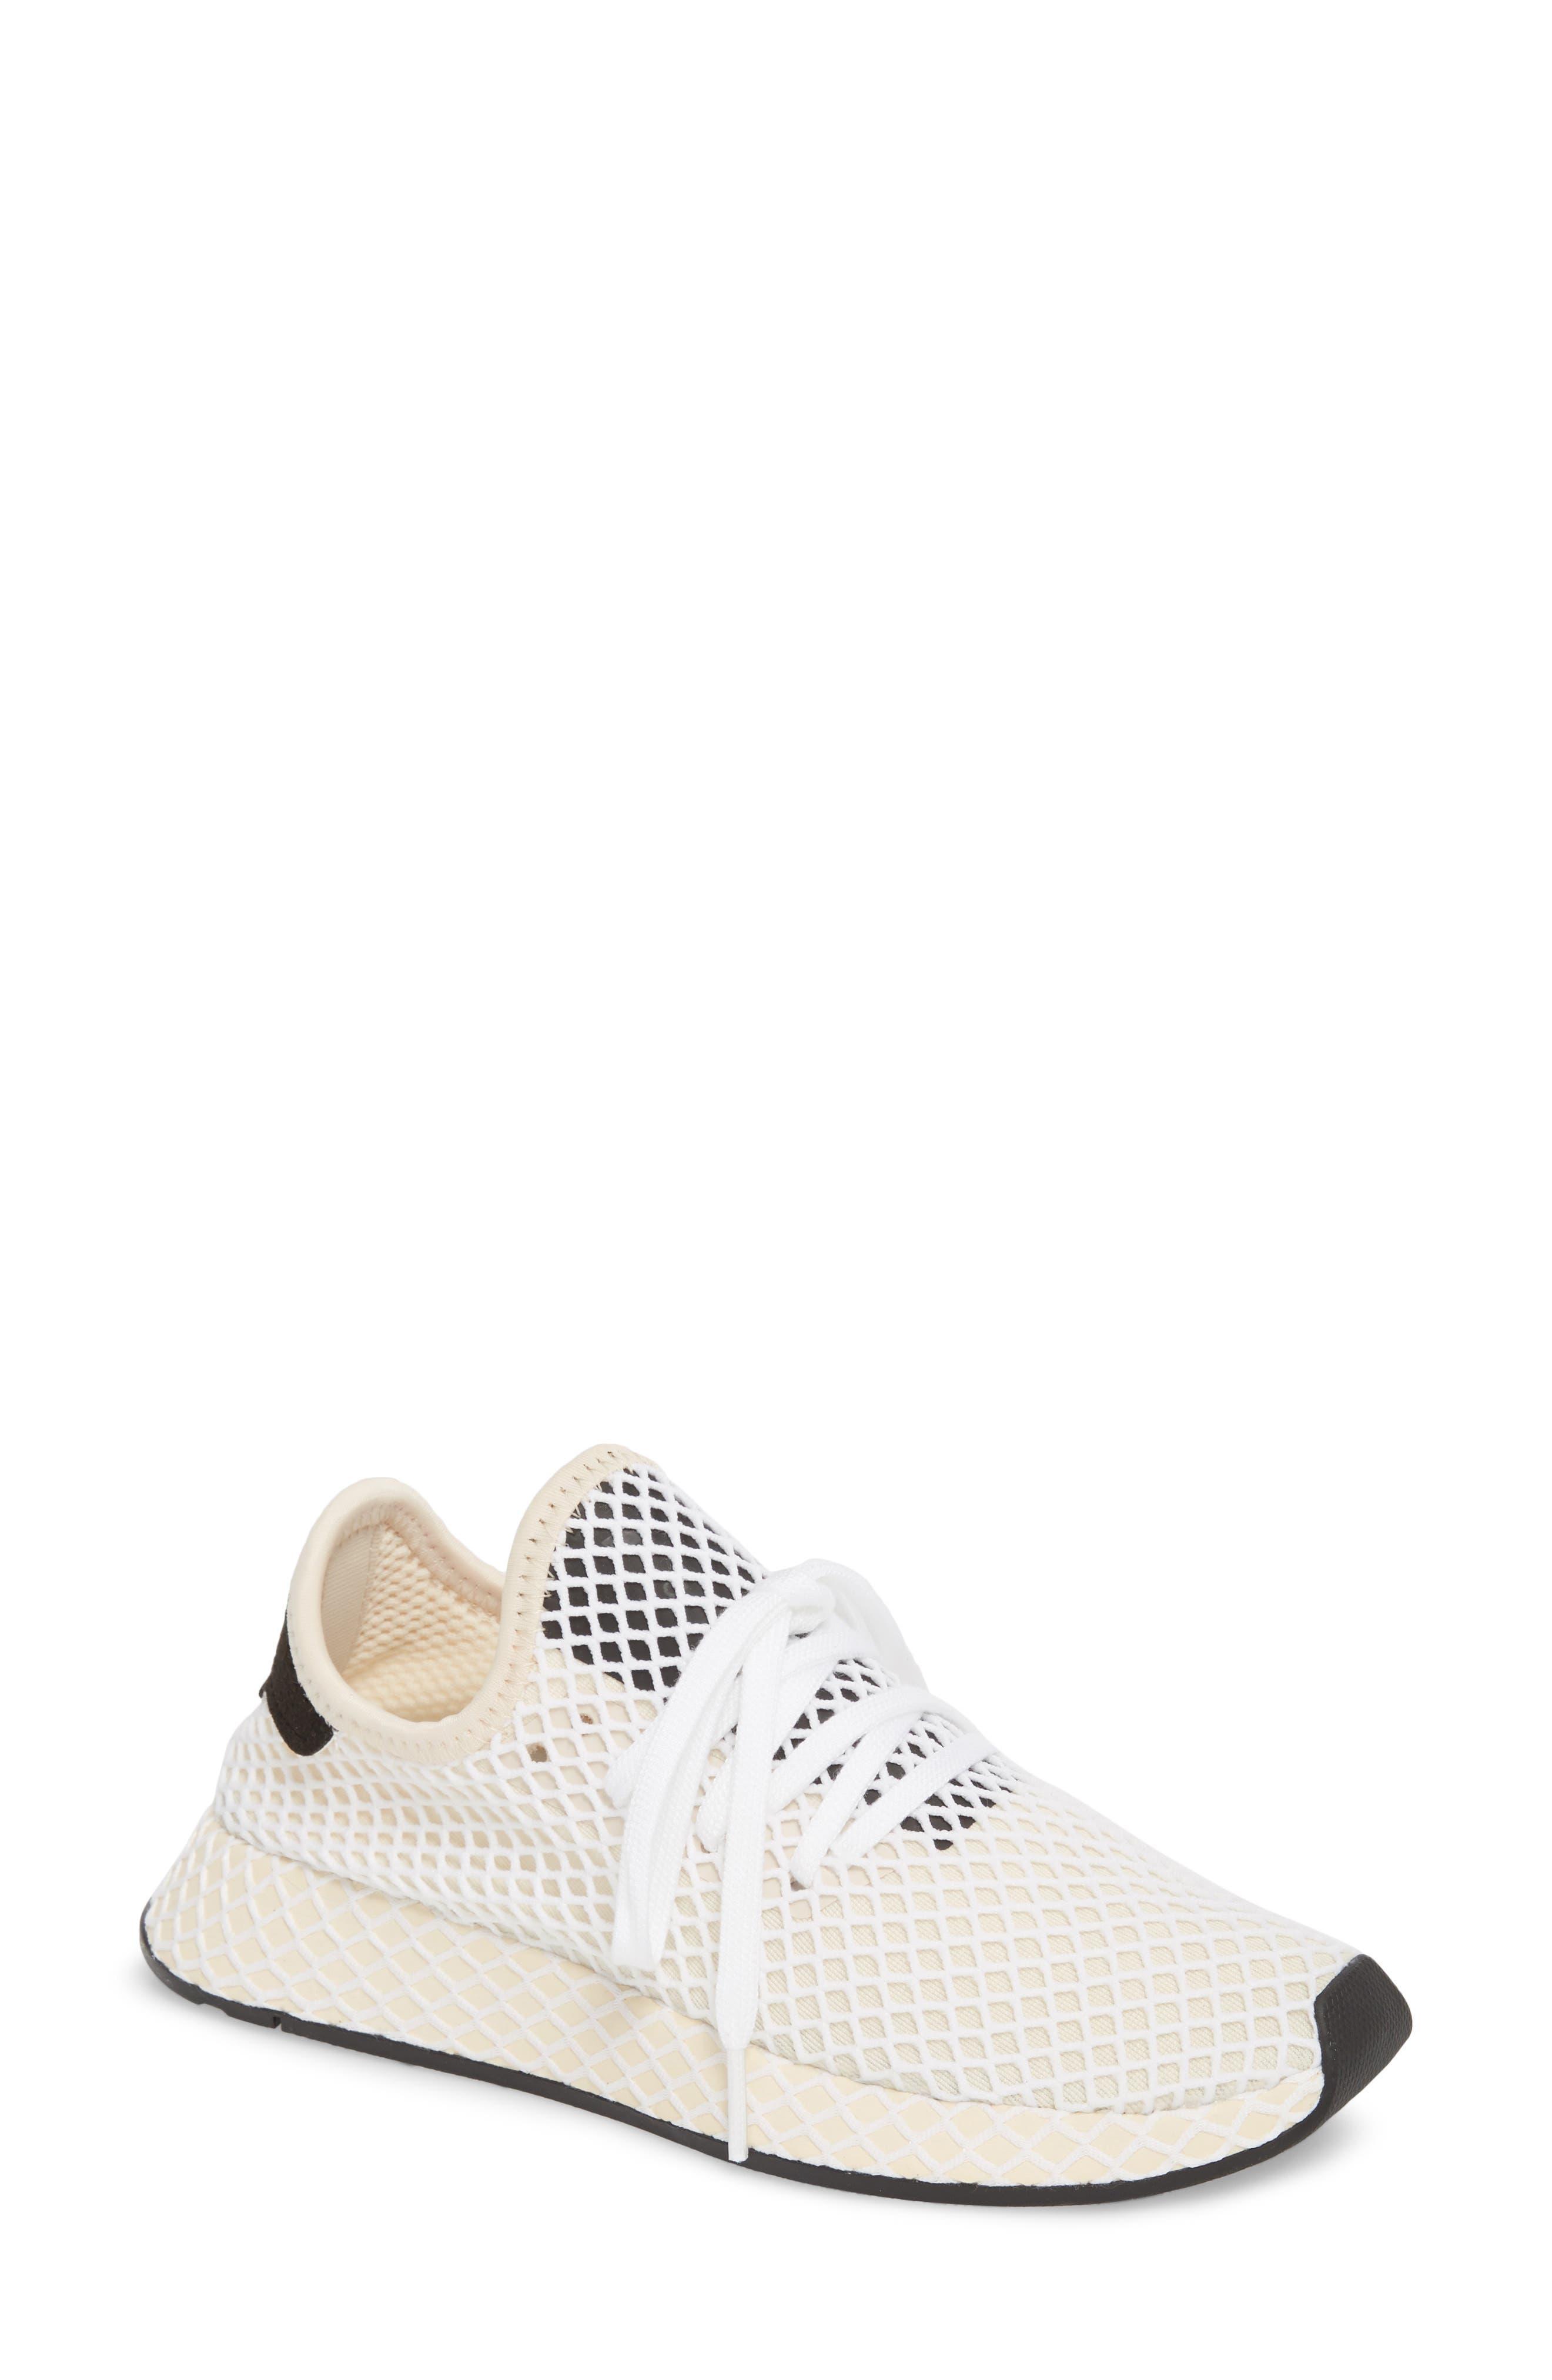 Deerupt Runner Sneaker,                             Main thumbnail 1, color,                             Linen/ Linen/ Ecru Tint